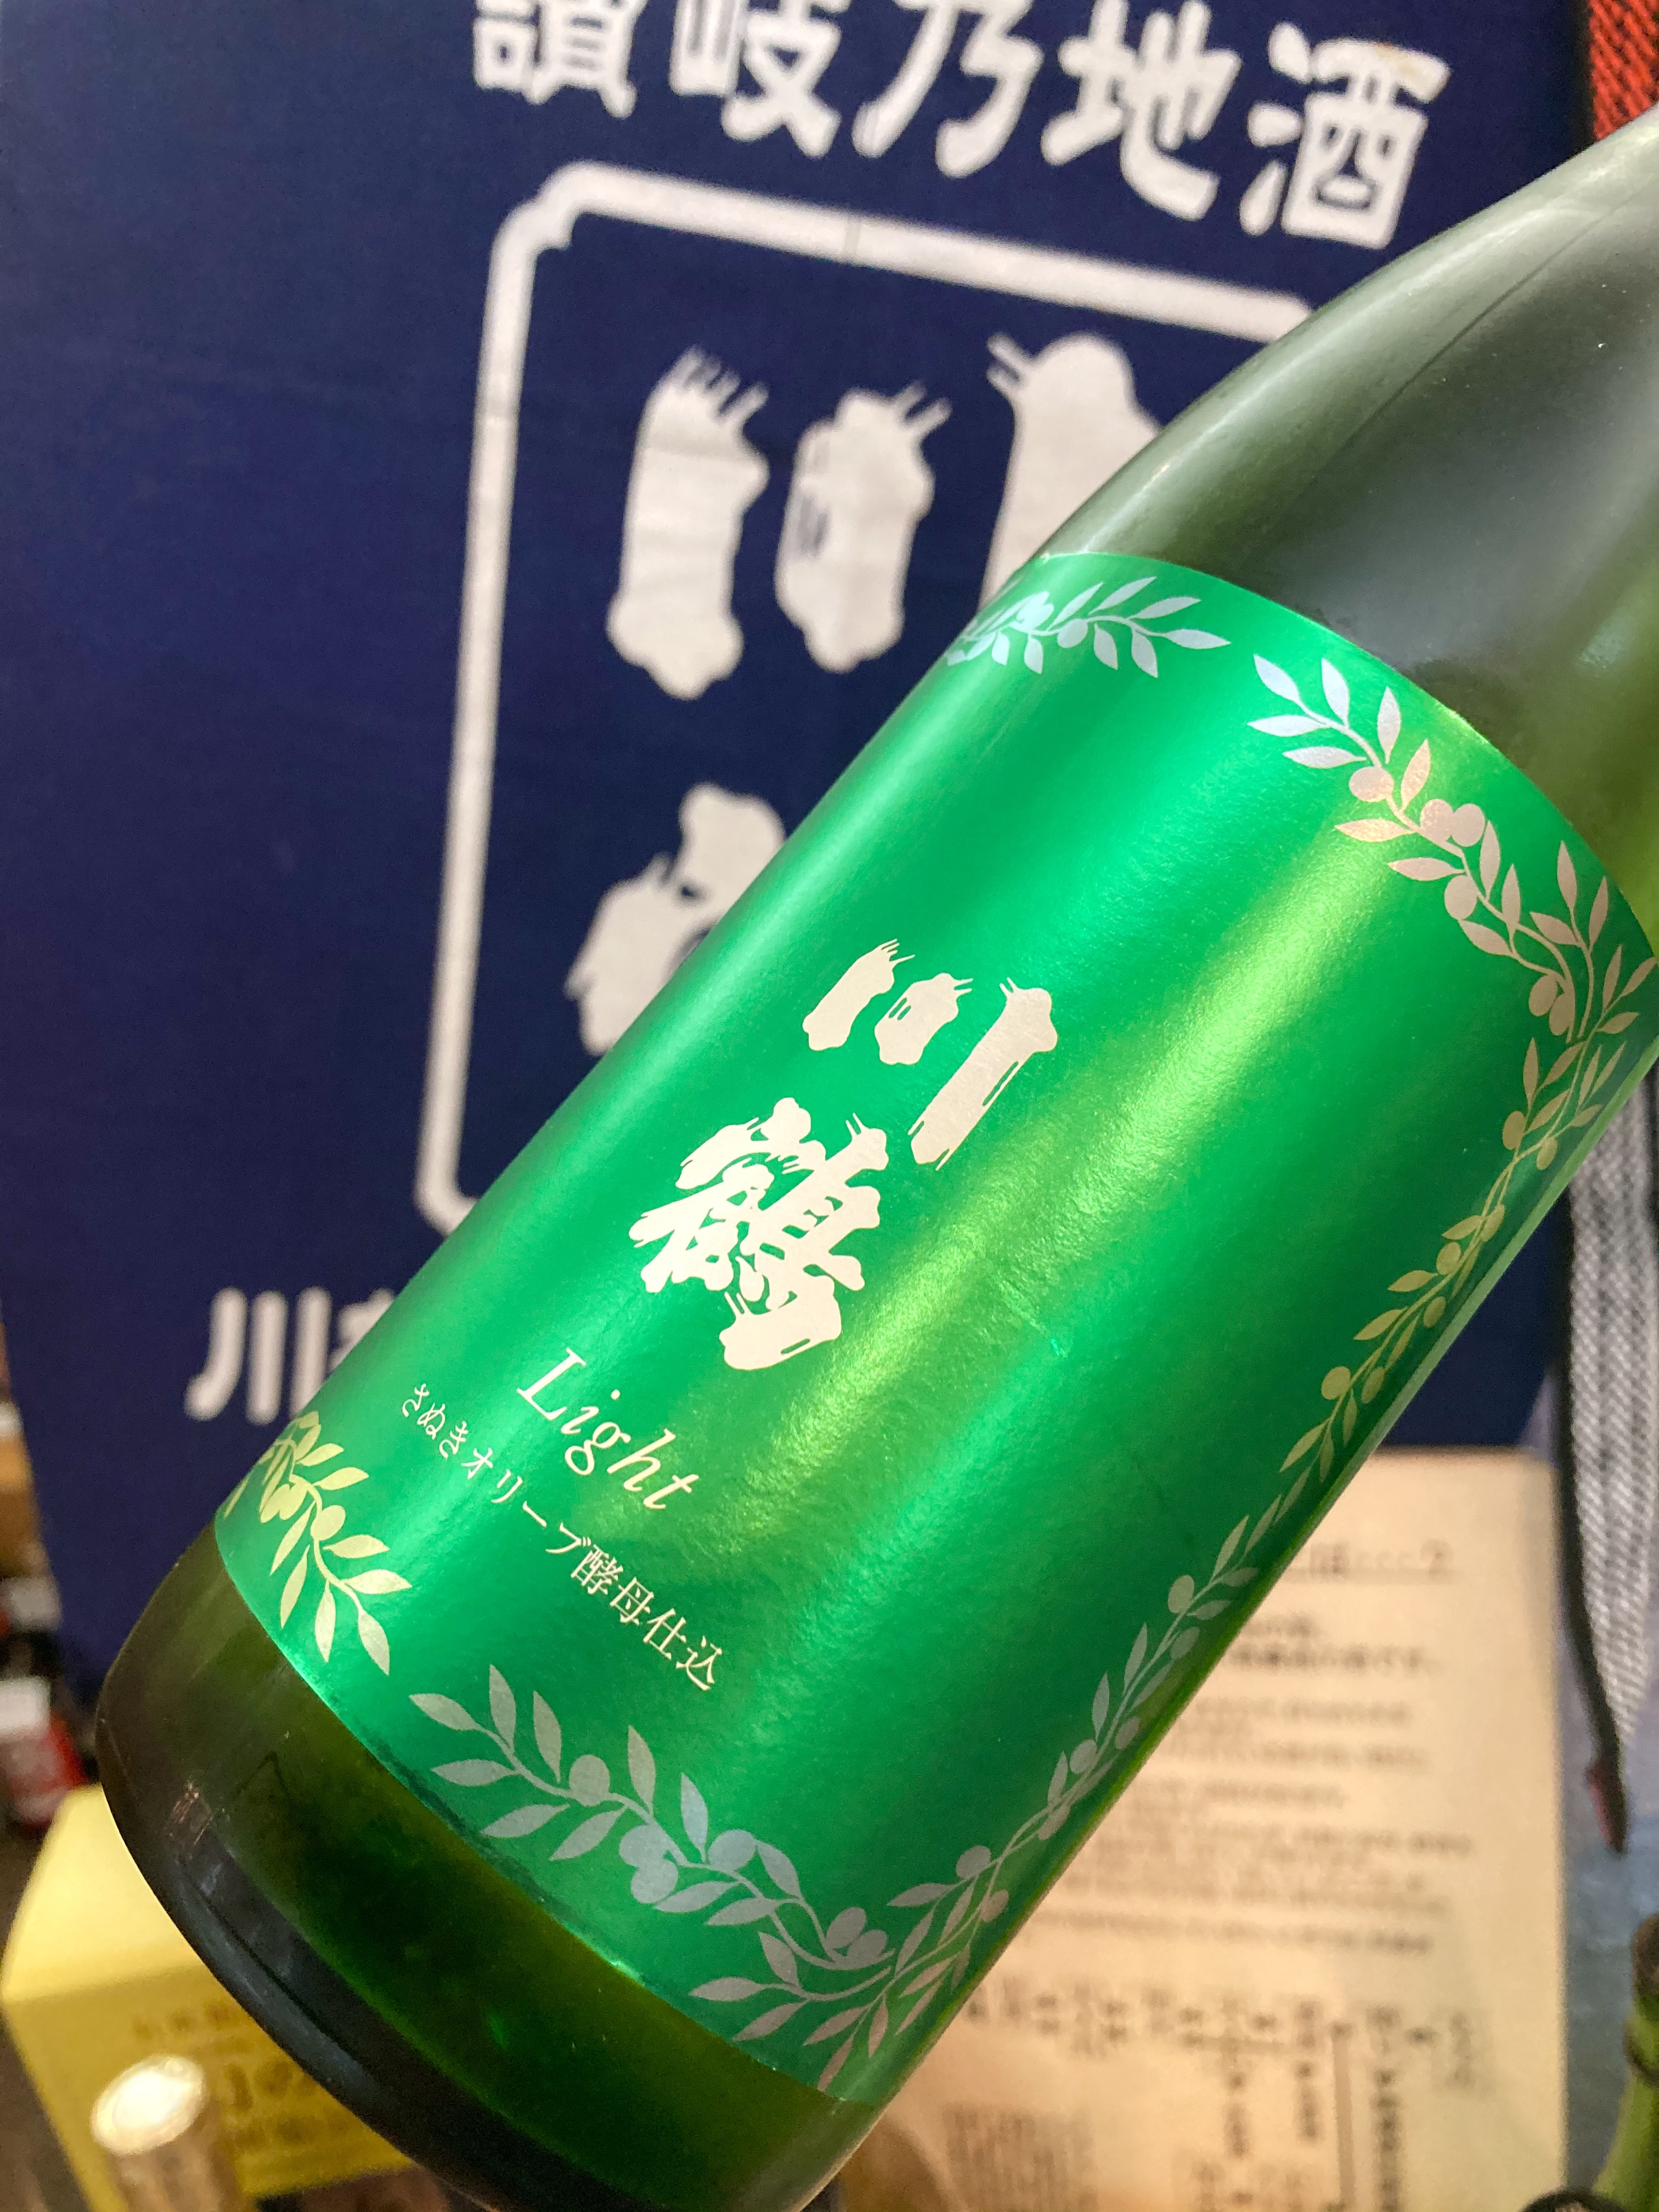 「さぬきオリーブ酵母」を使用した… 『川鶴 Light 純米吟醸〜さぬきオリーブ酵母仕込み〜』